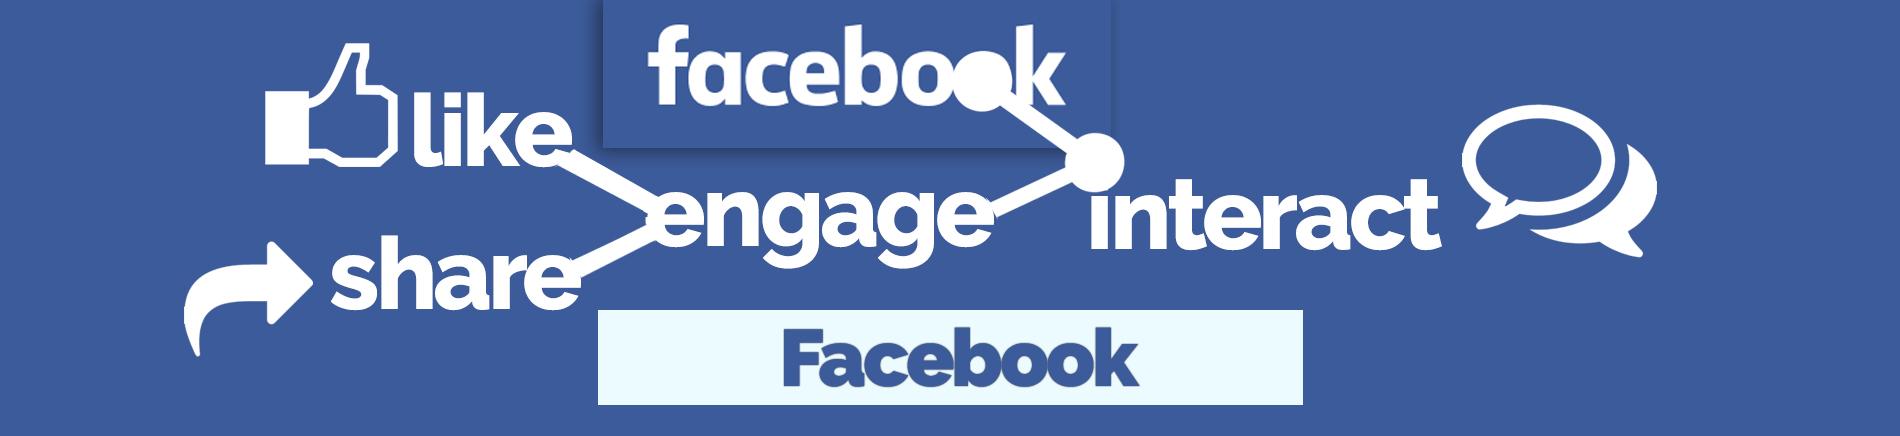 facebook training belfast, social media training belfast